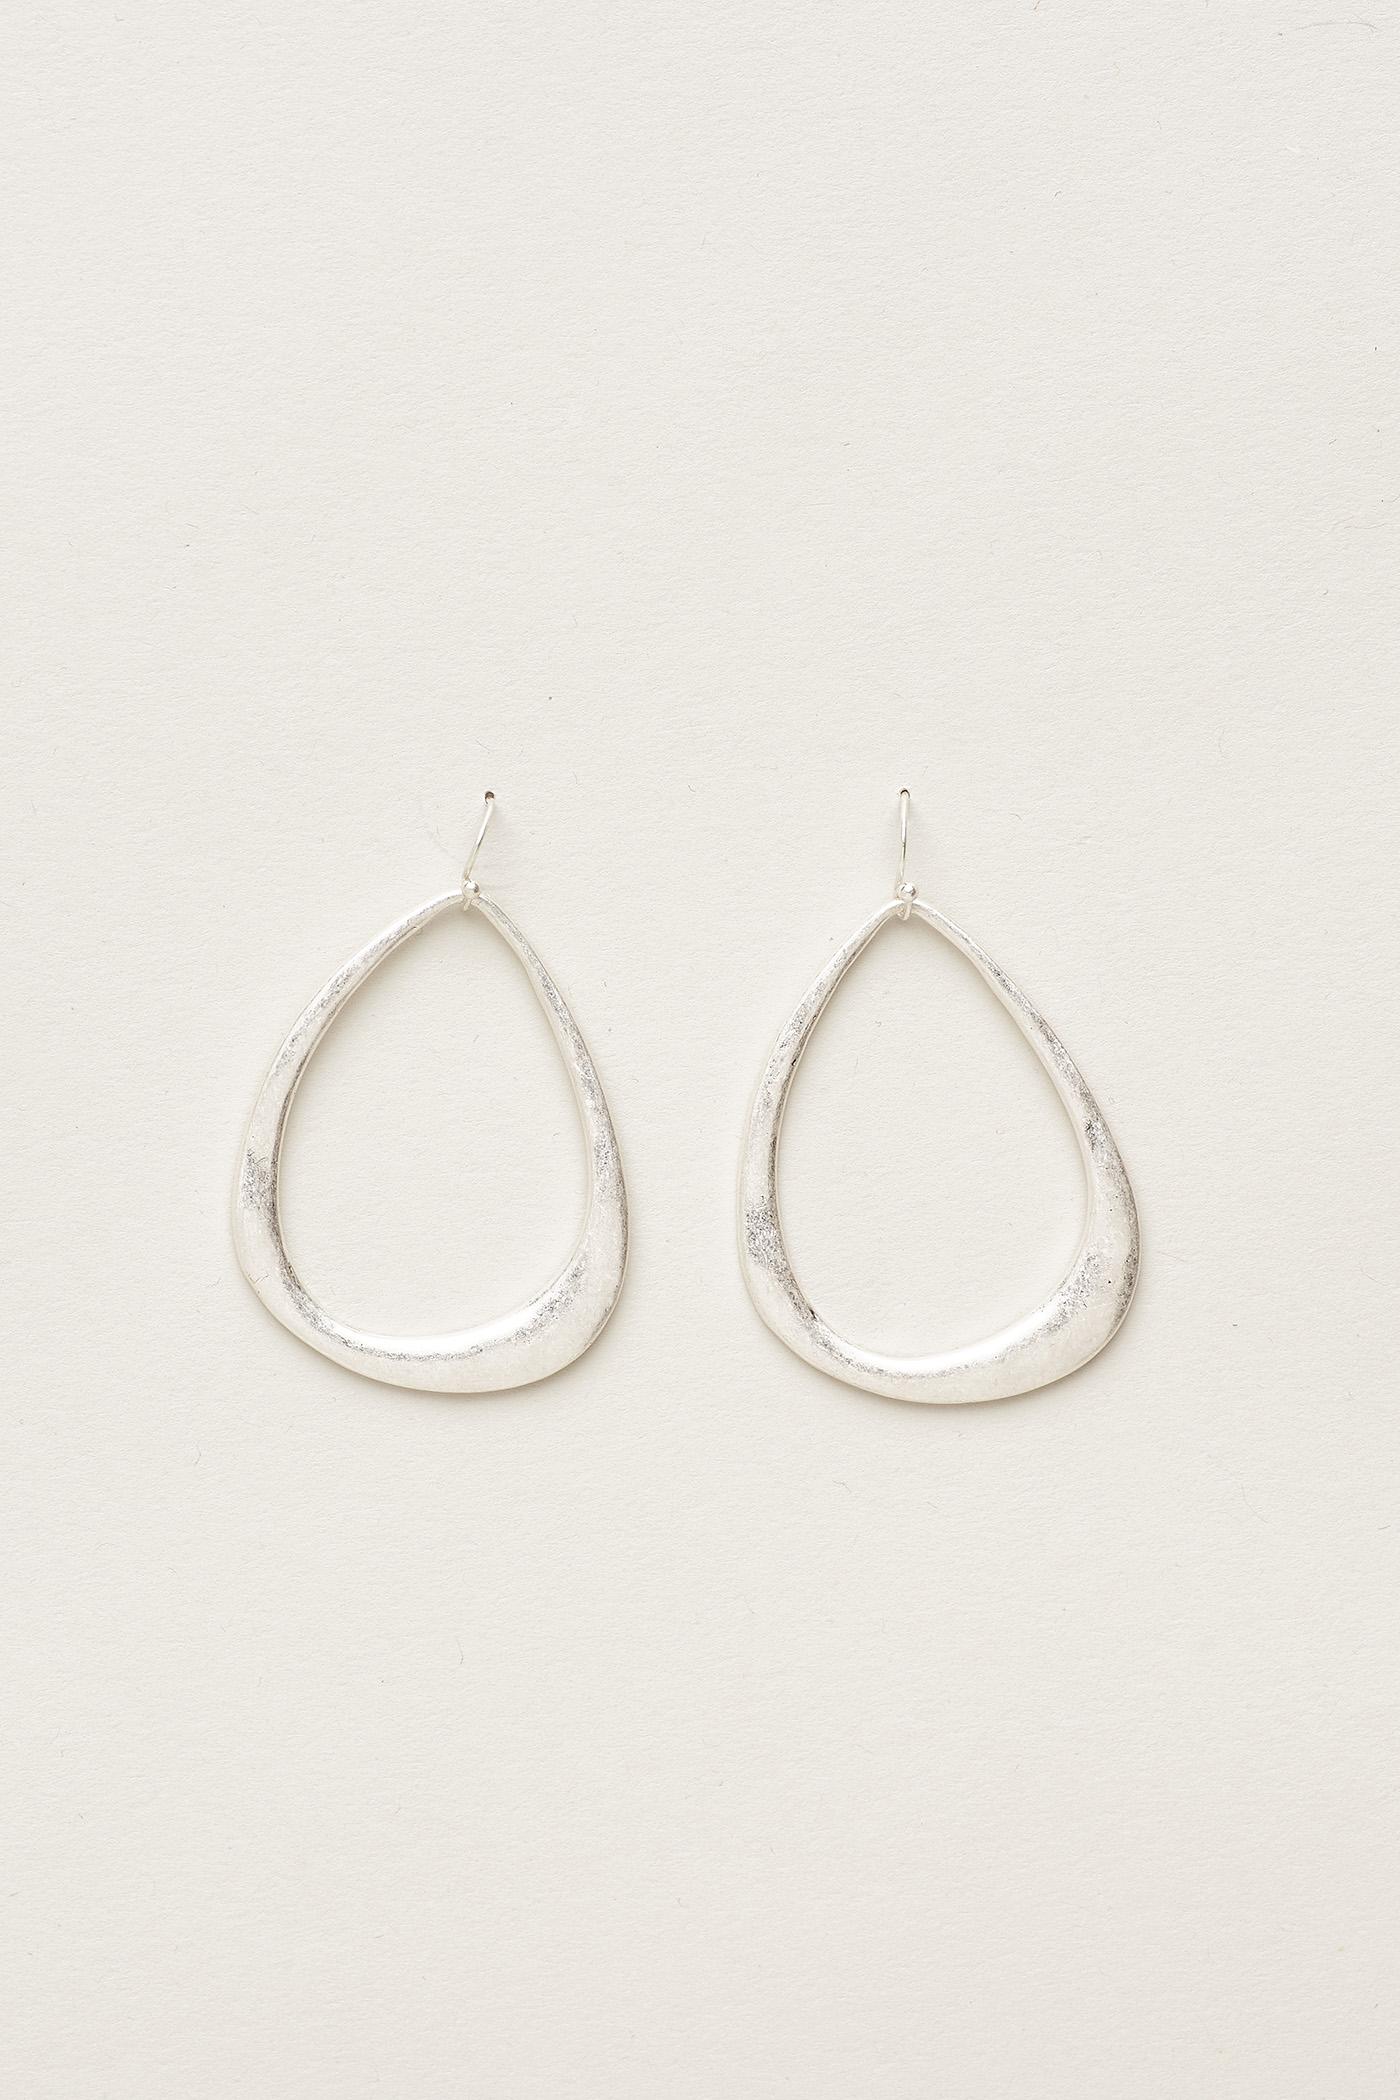 Anker Thin Hoop Earrings